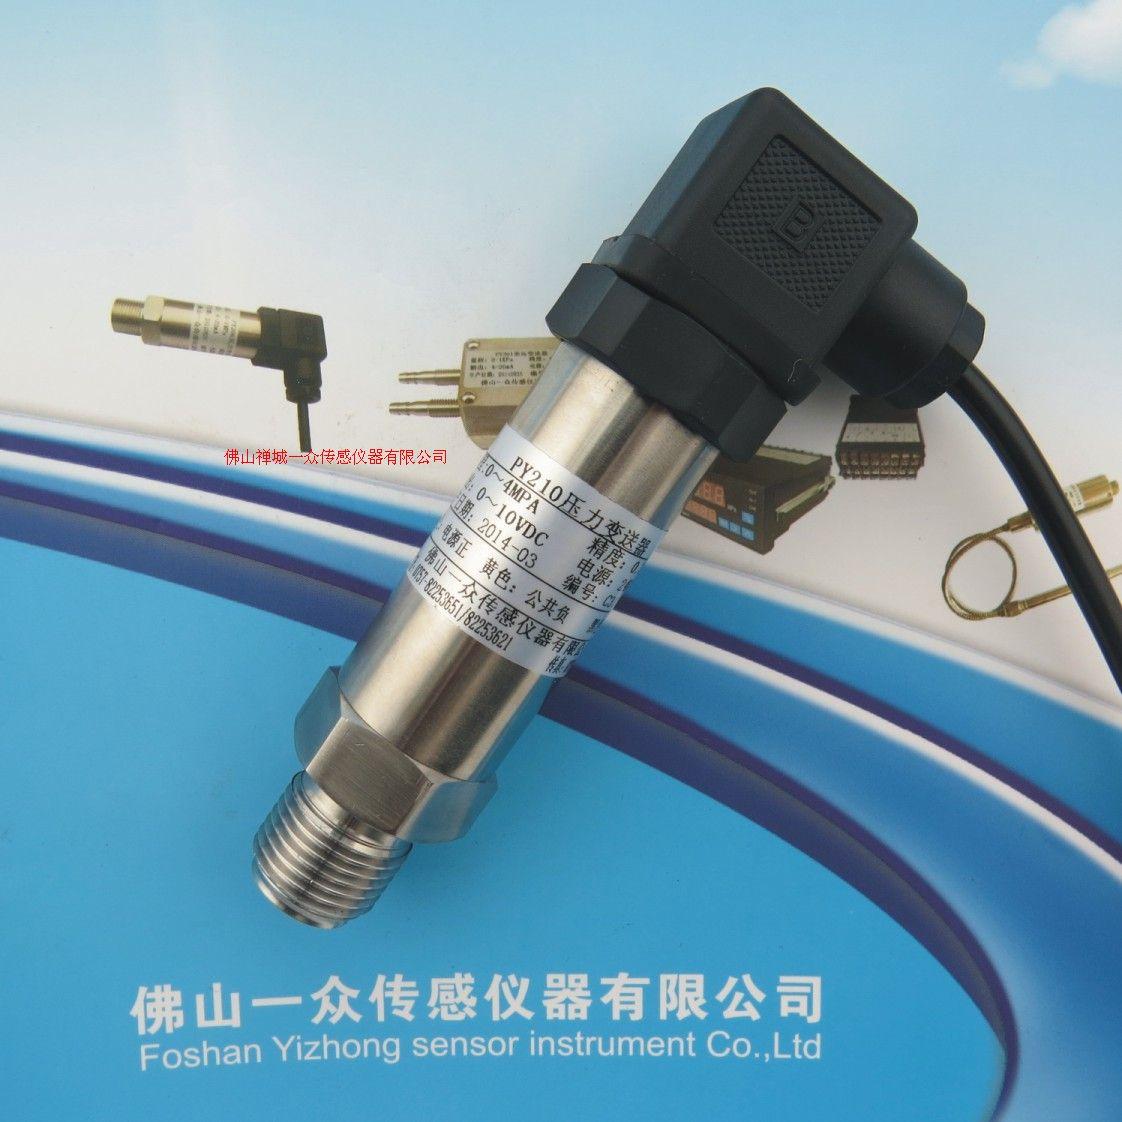 PY210超高压高压传感器/蒸馏水管压力控制仪器仪表